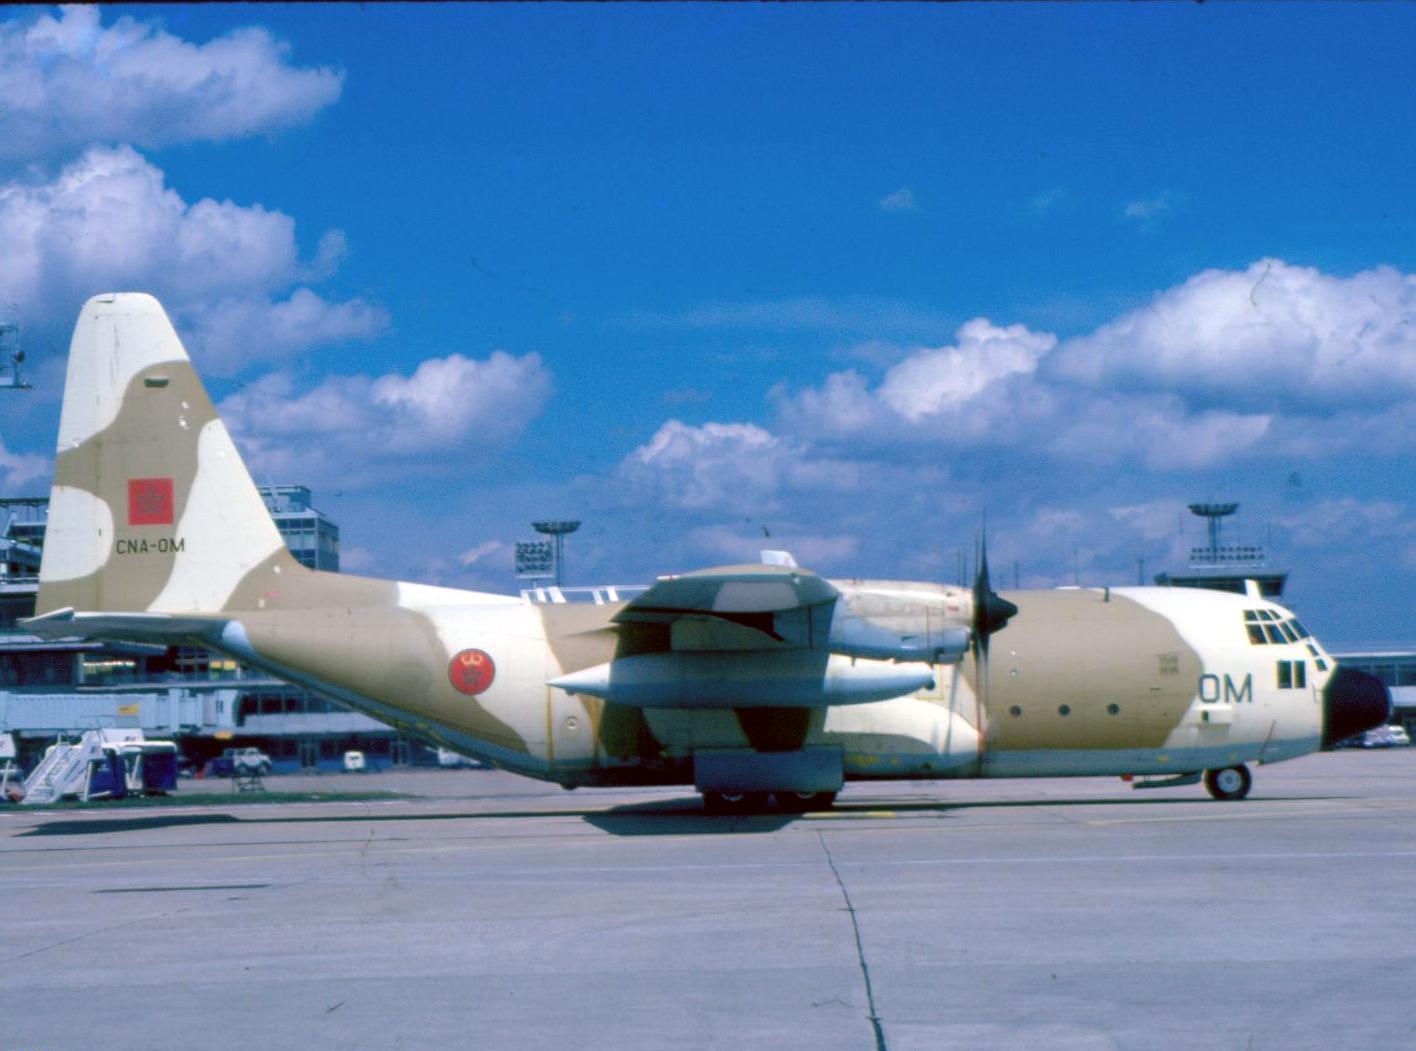 FRA: Photos d'avions de transport - Page 22 150627071637636284